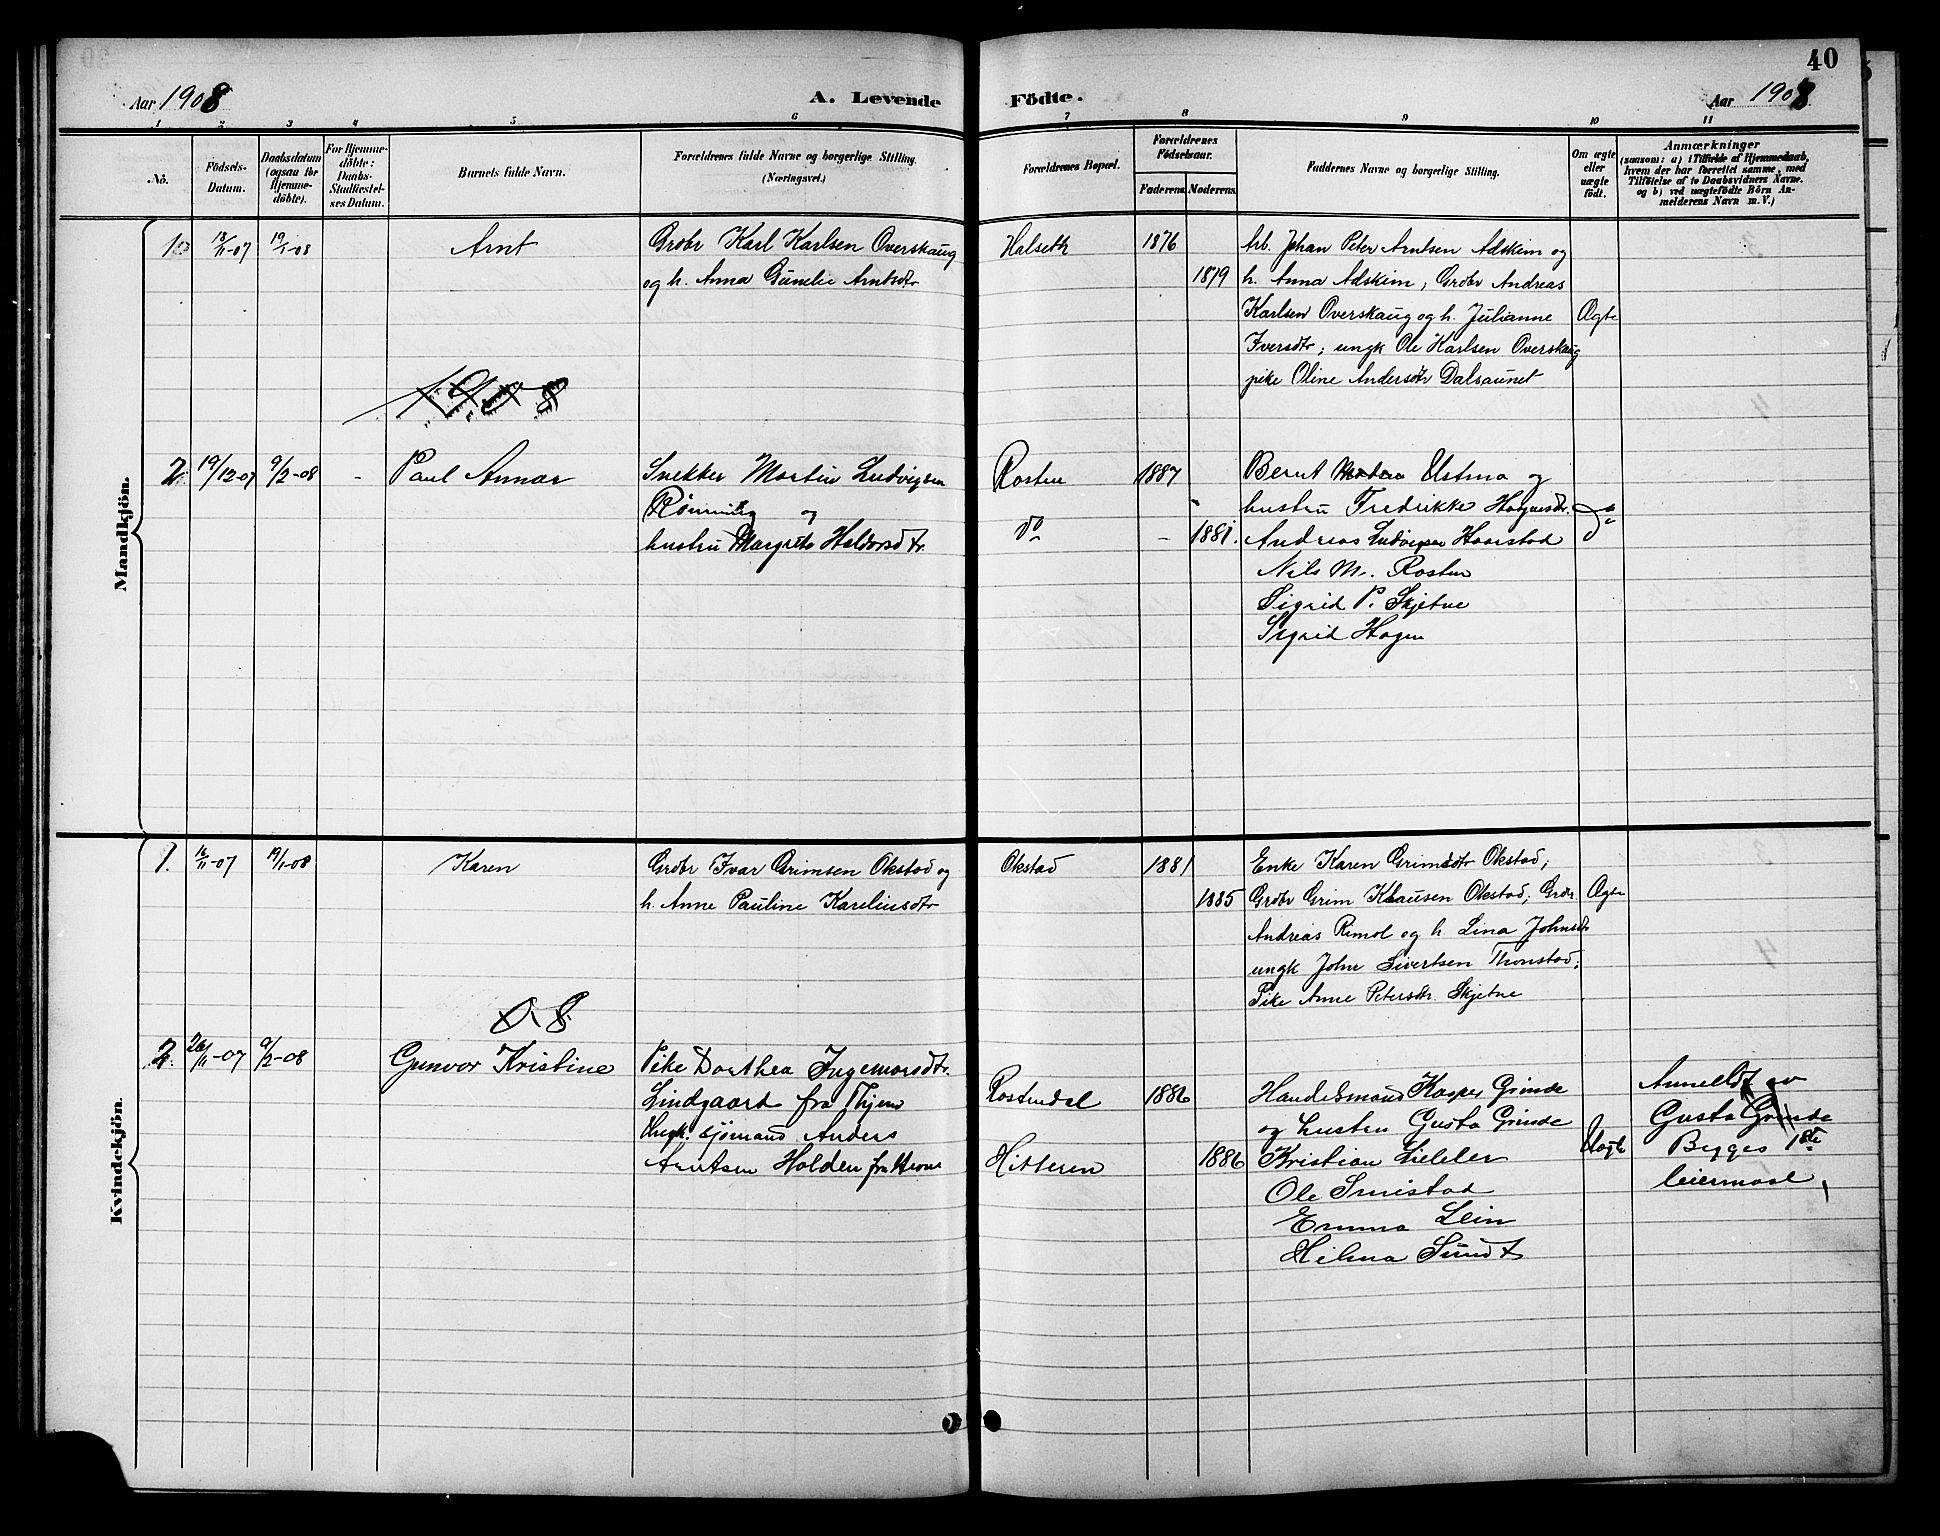 SAT, Ministerialprotokoller, klokkerbøker og fødselsregistre - Sør-Trøndelag, 621/L0460: Klokkerbok nr. 621C03, 1896-1914, s. 40